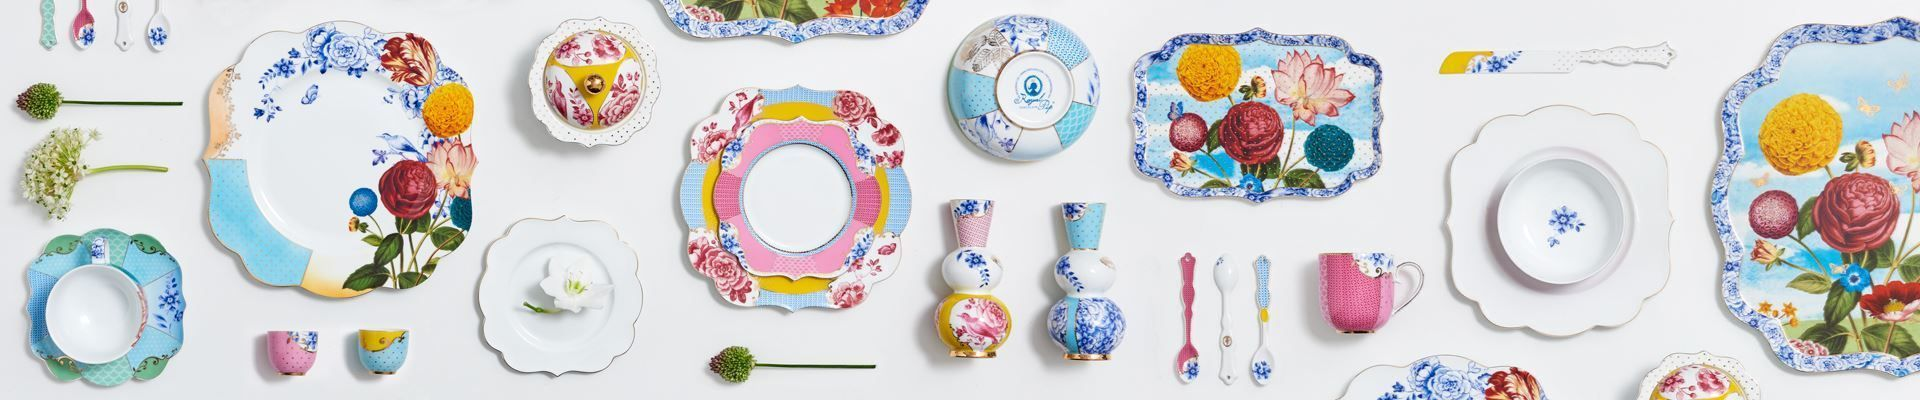 Royal Multi Porselein Collectie